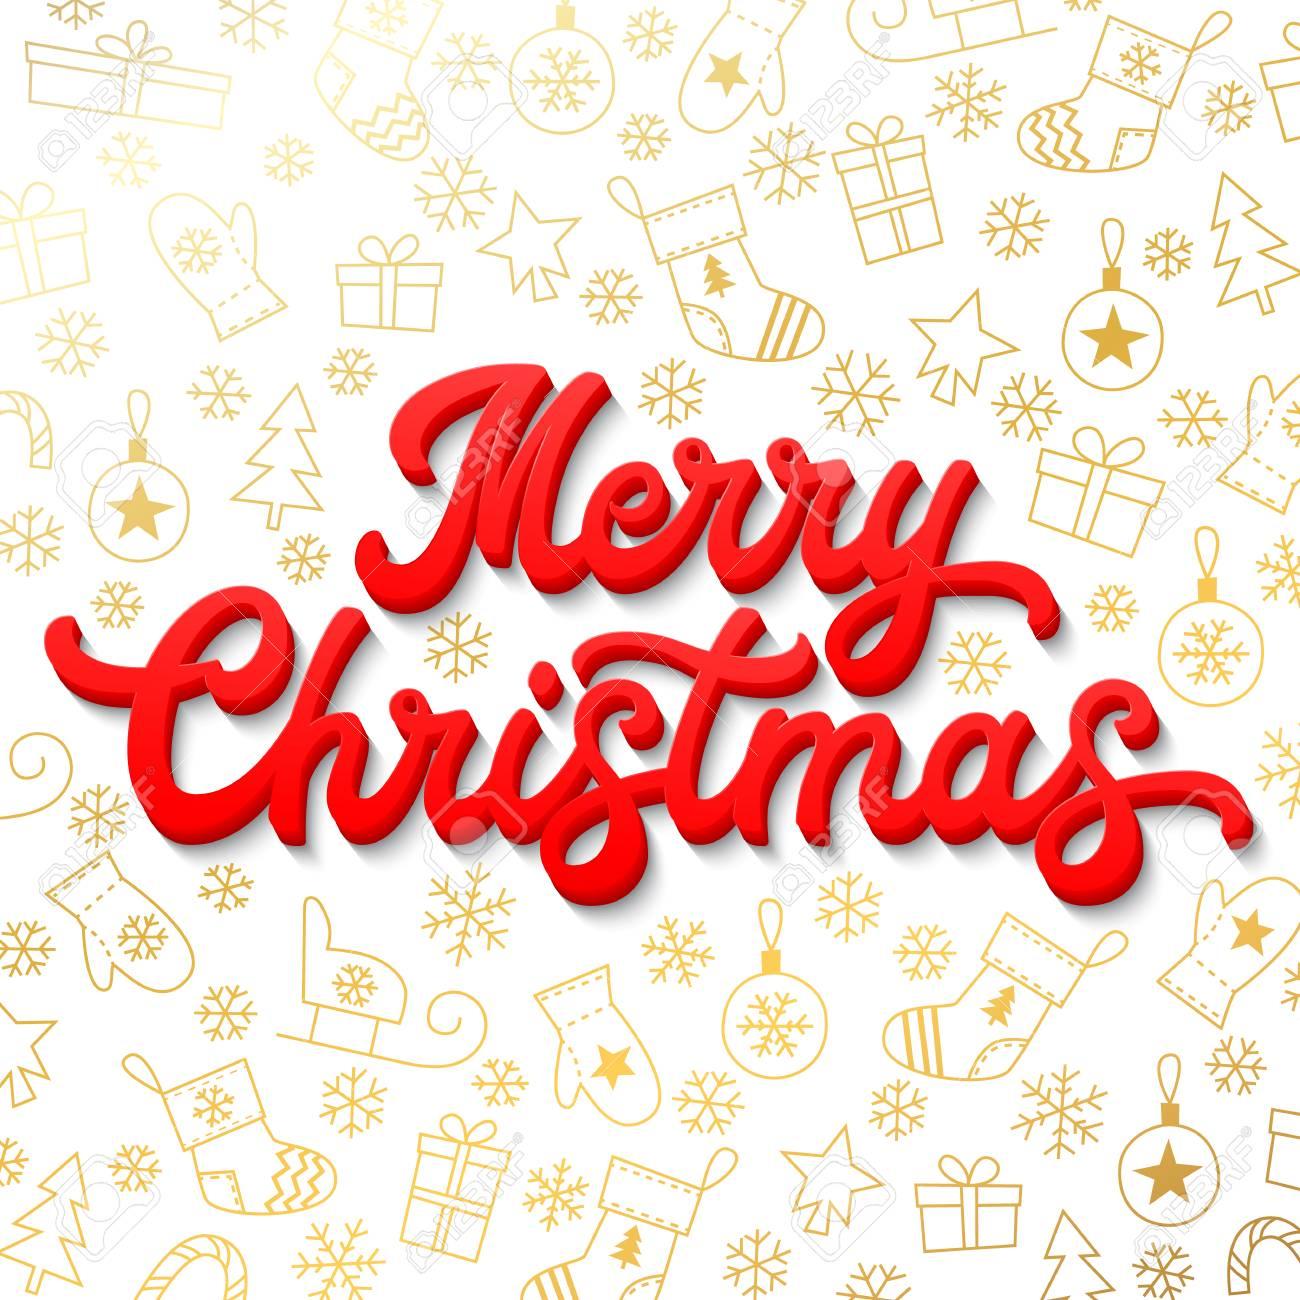 Vettoriale Buon Natale Red 3d Xmas Lettering Iscrizione Su Sfondo